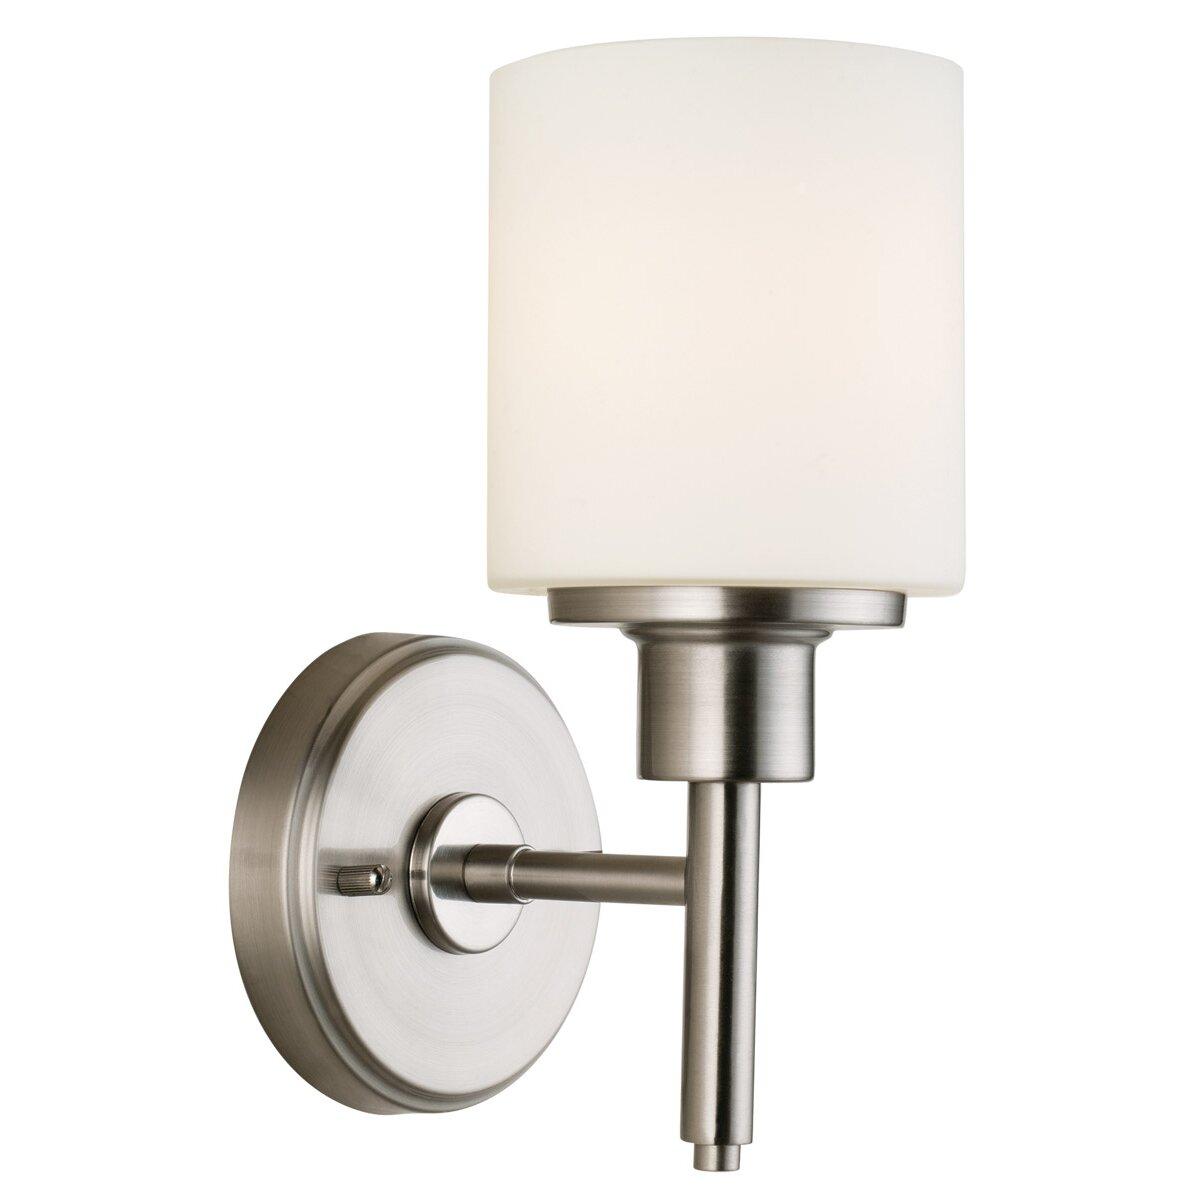 Wayfair Indoor Wall Sconces : Design House Aubrey 1 Light Wall Light & Reviews Wayfair